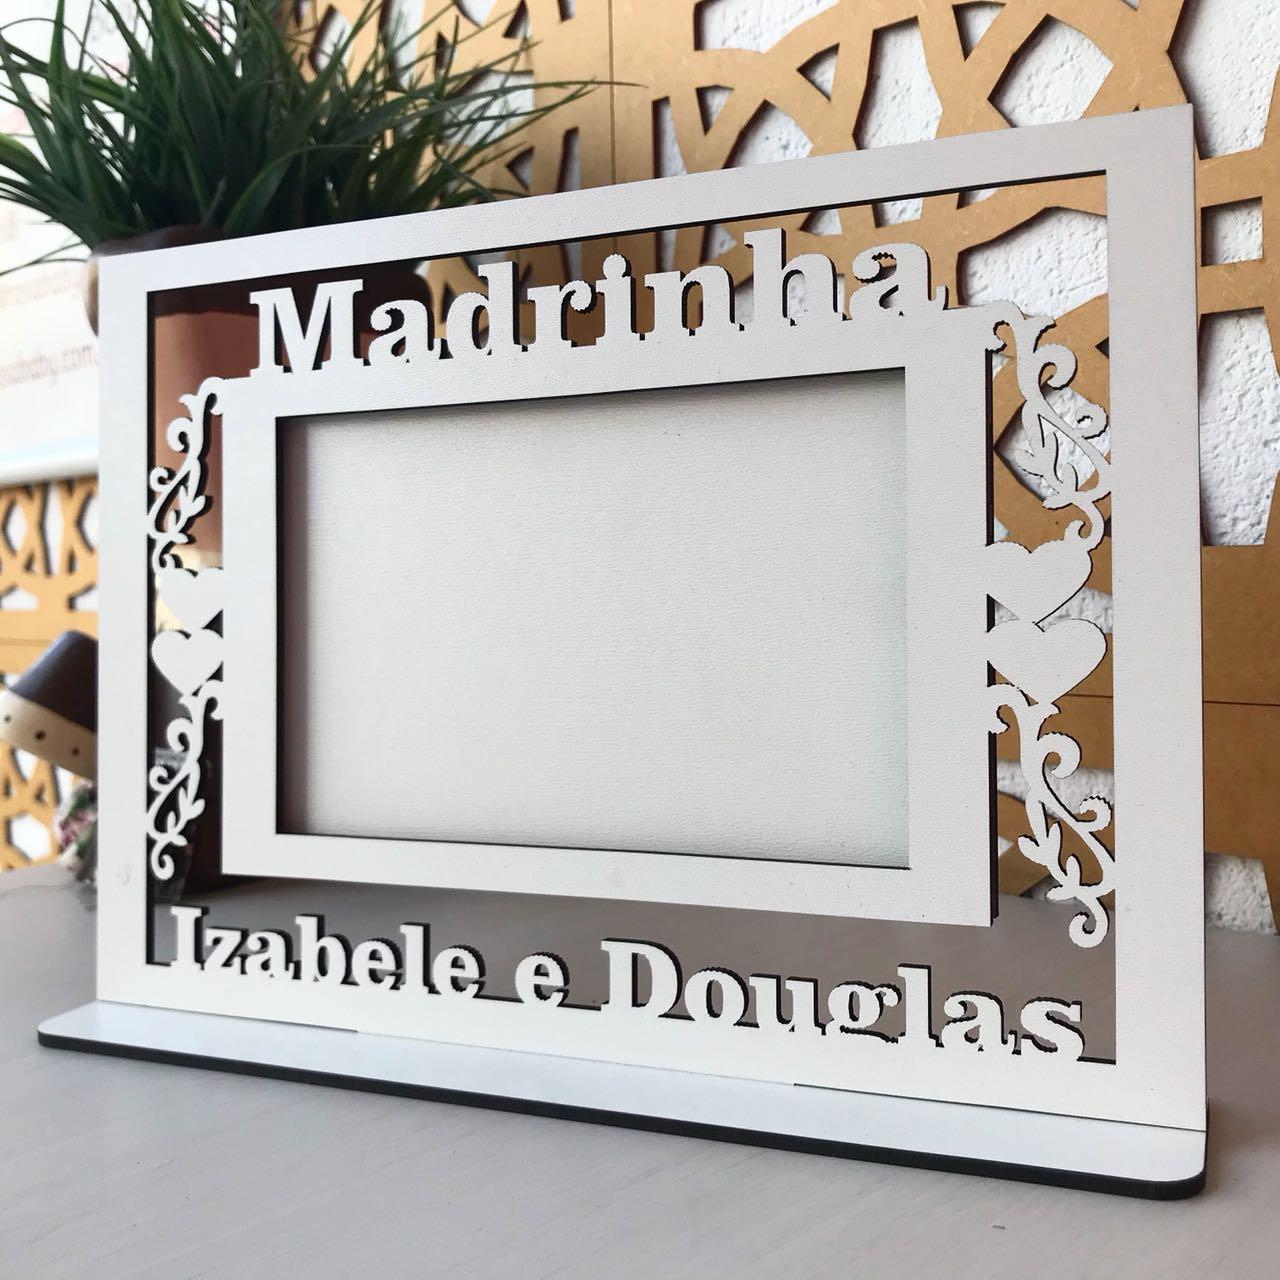 Quadro Porta Retratos MADRINHA Casamento (1 peça) - MDF Branco